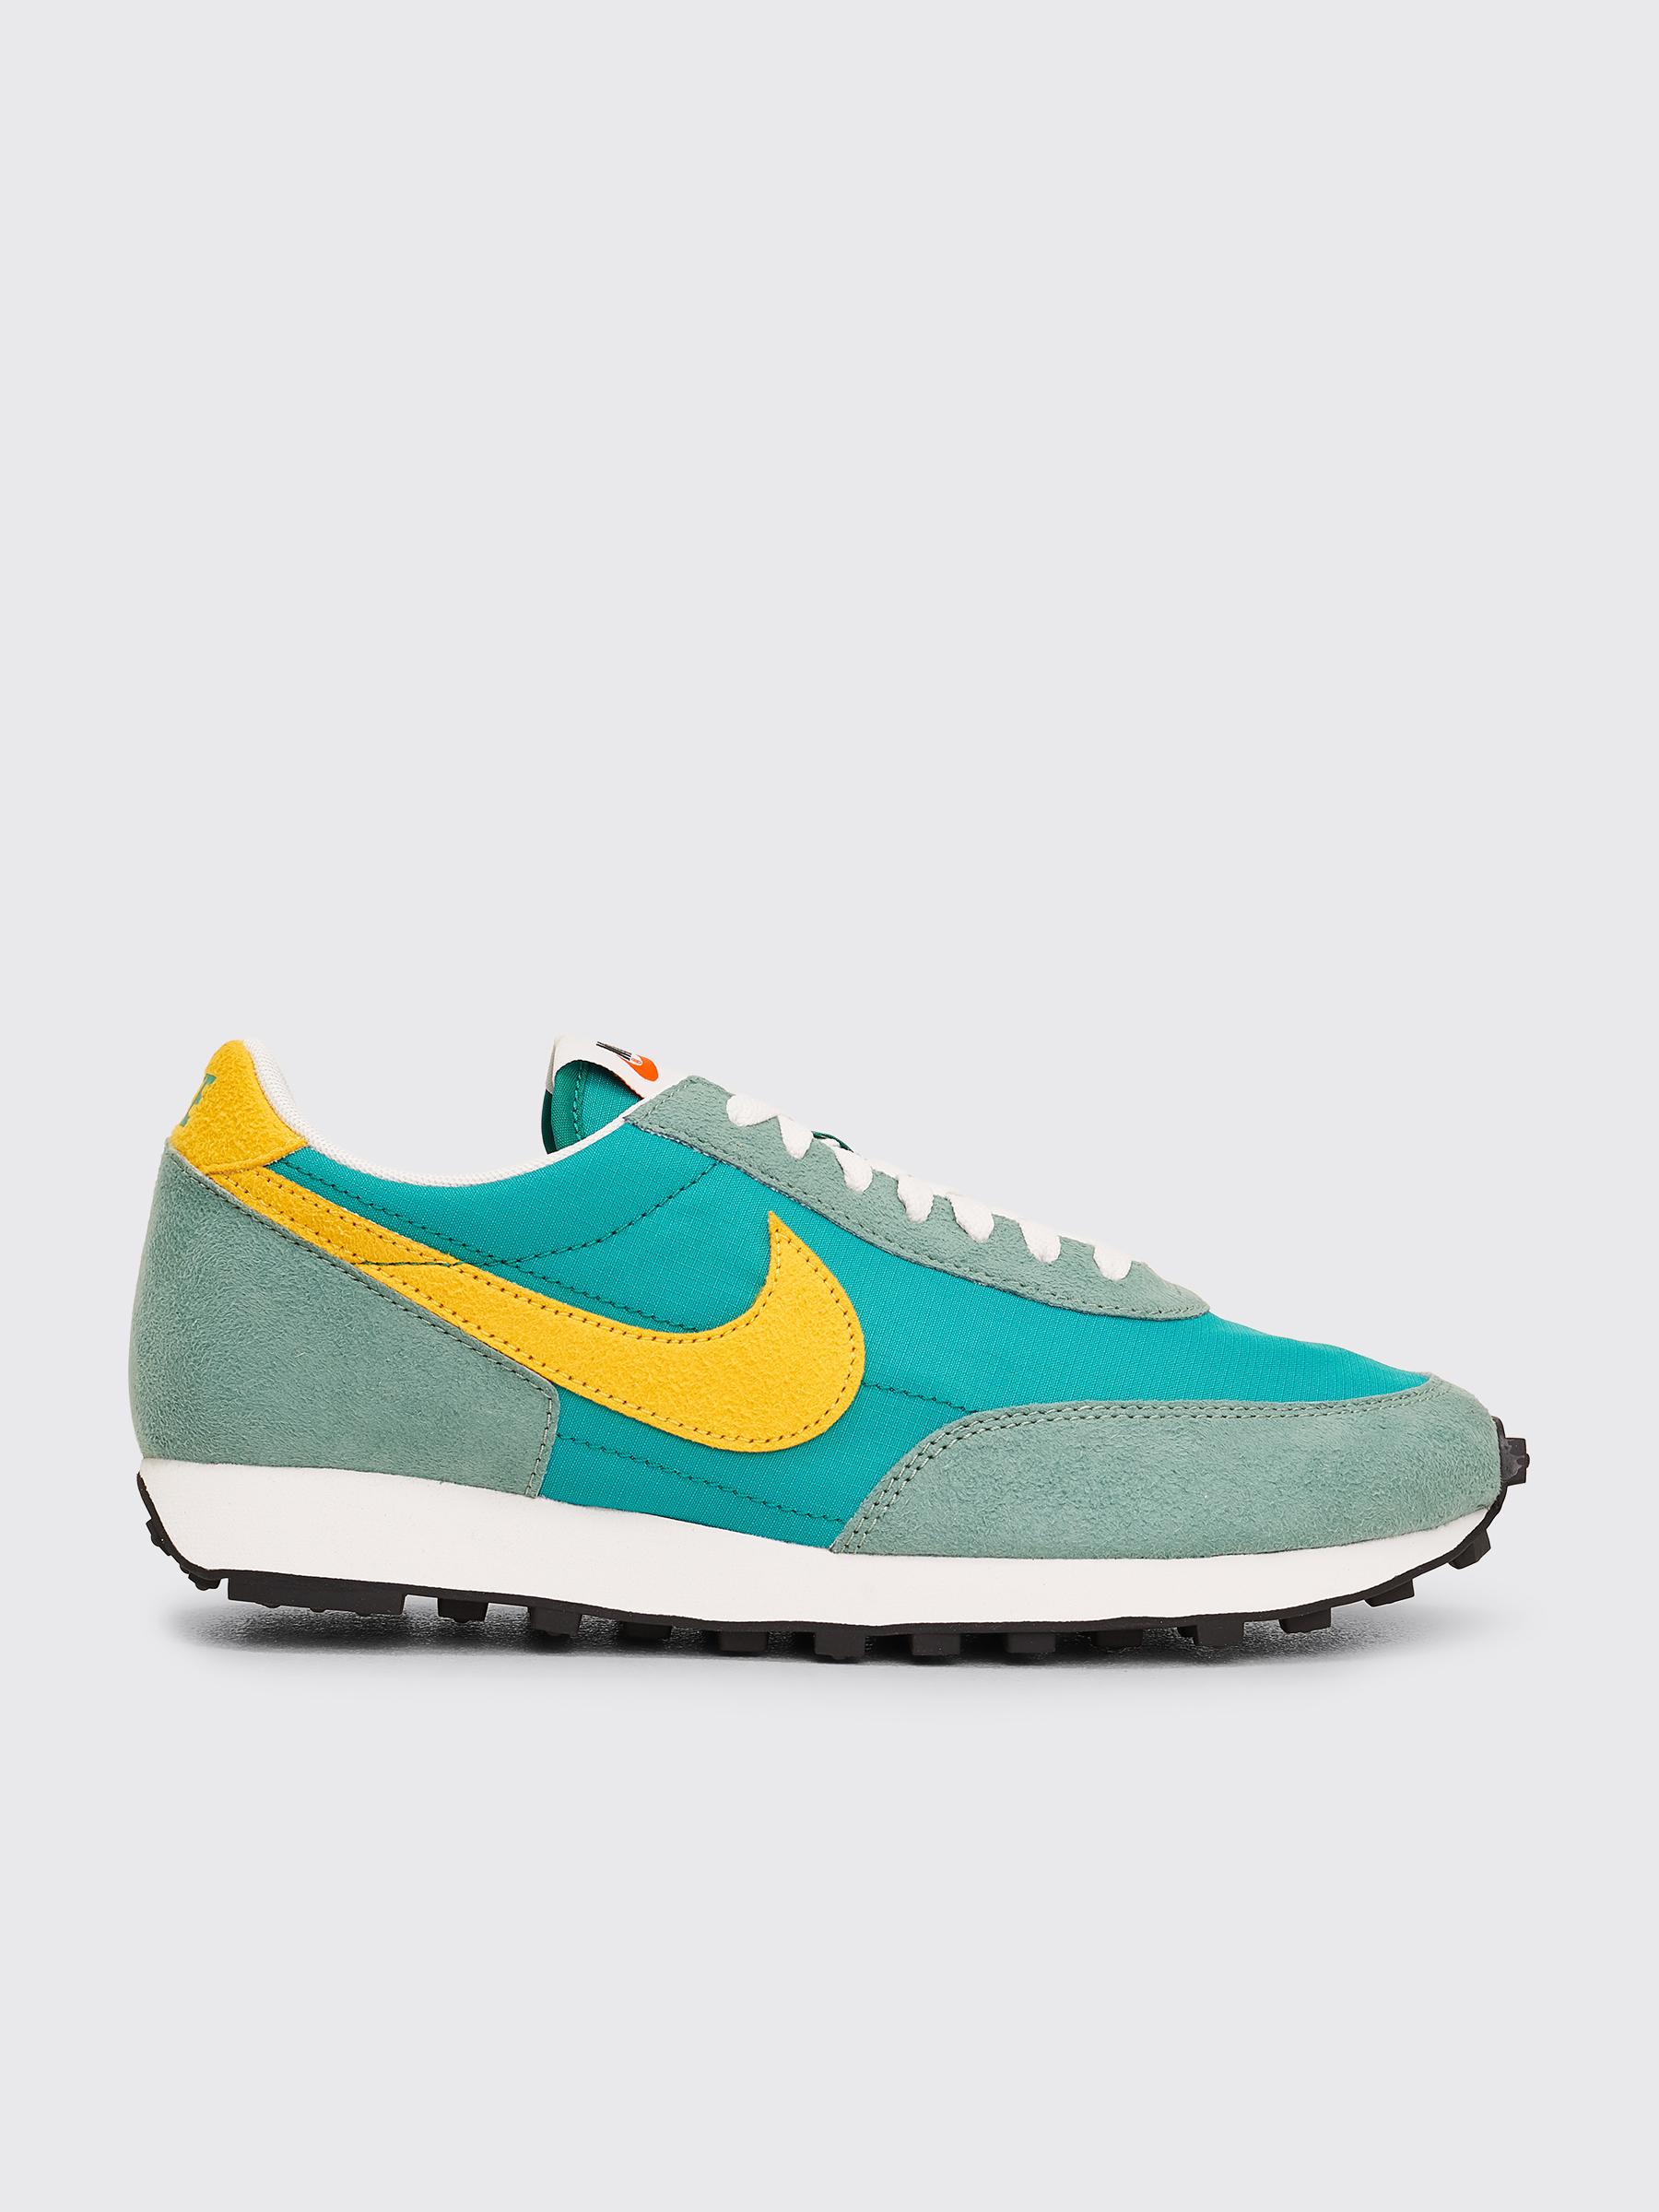 Nike Daybreak Neptune Green / Speed Yellow